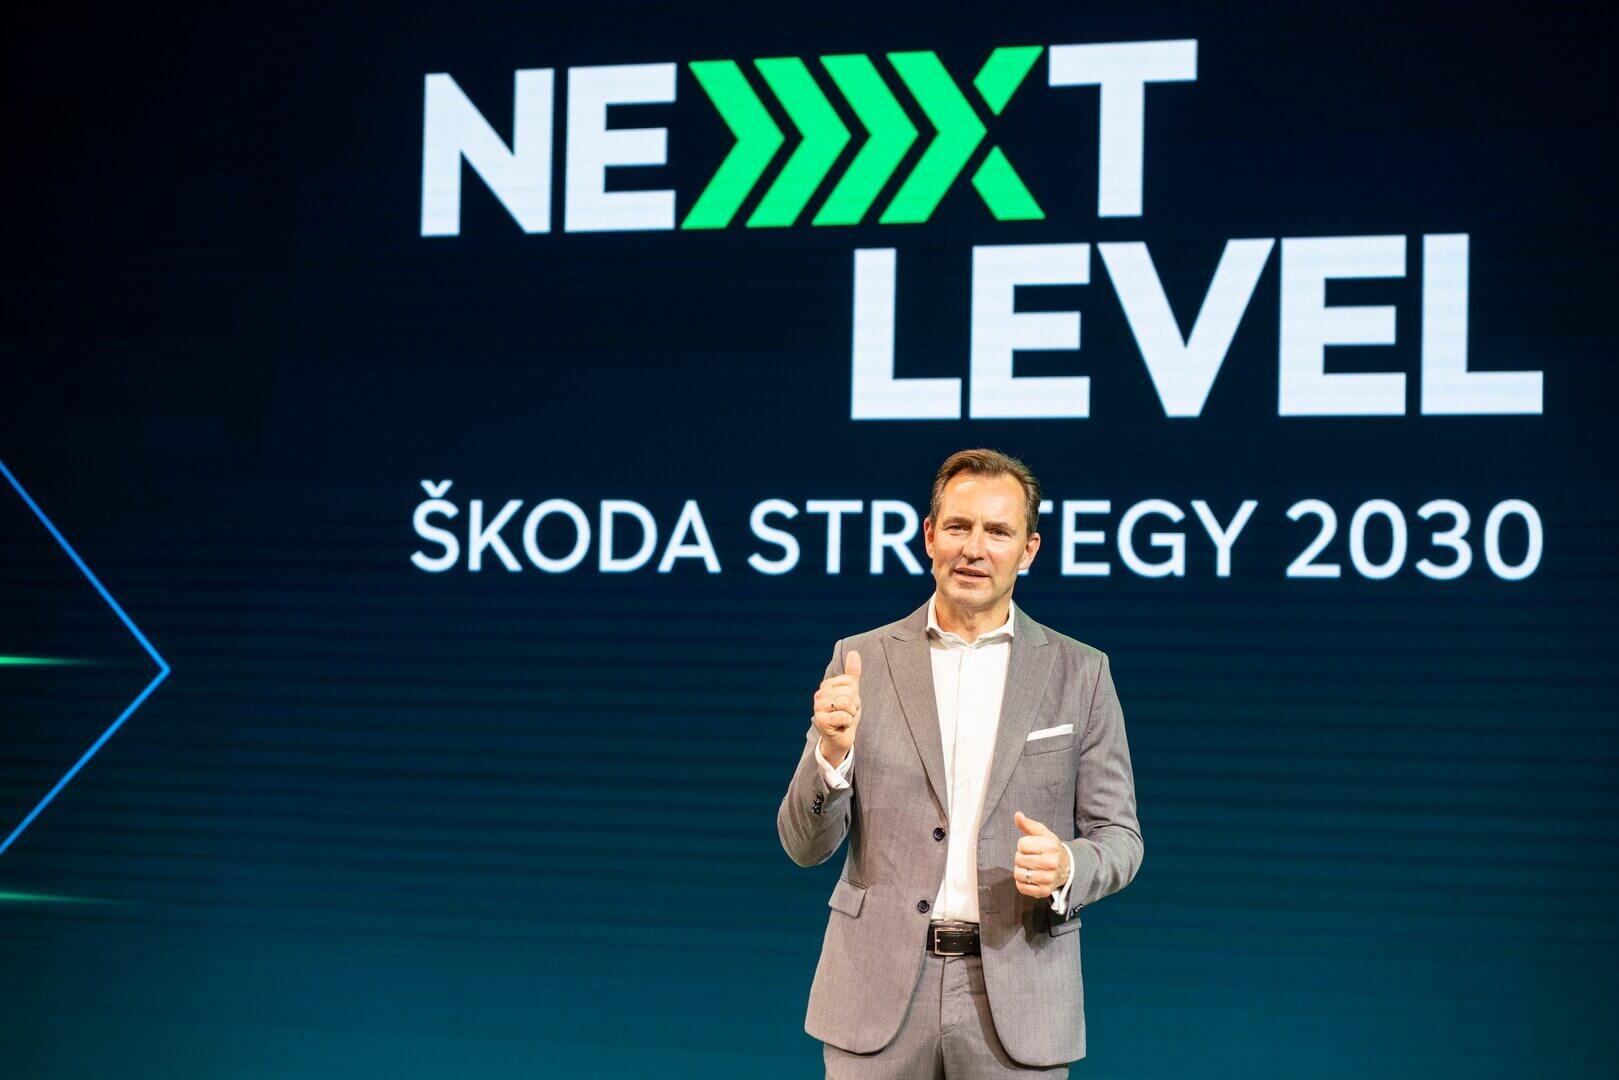 Skoda планирует выпустить как минимум три новых полностью электрических модели к 2030 году